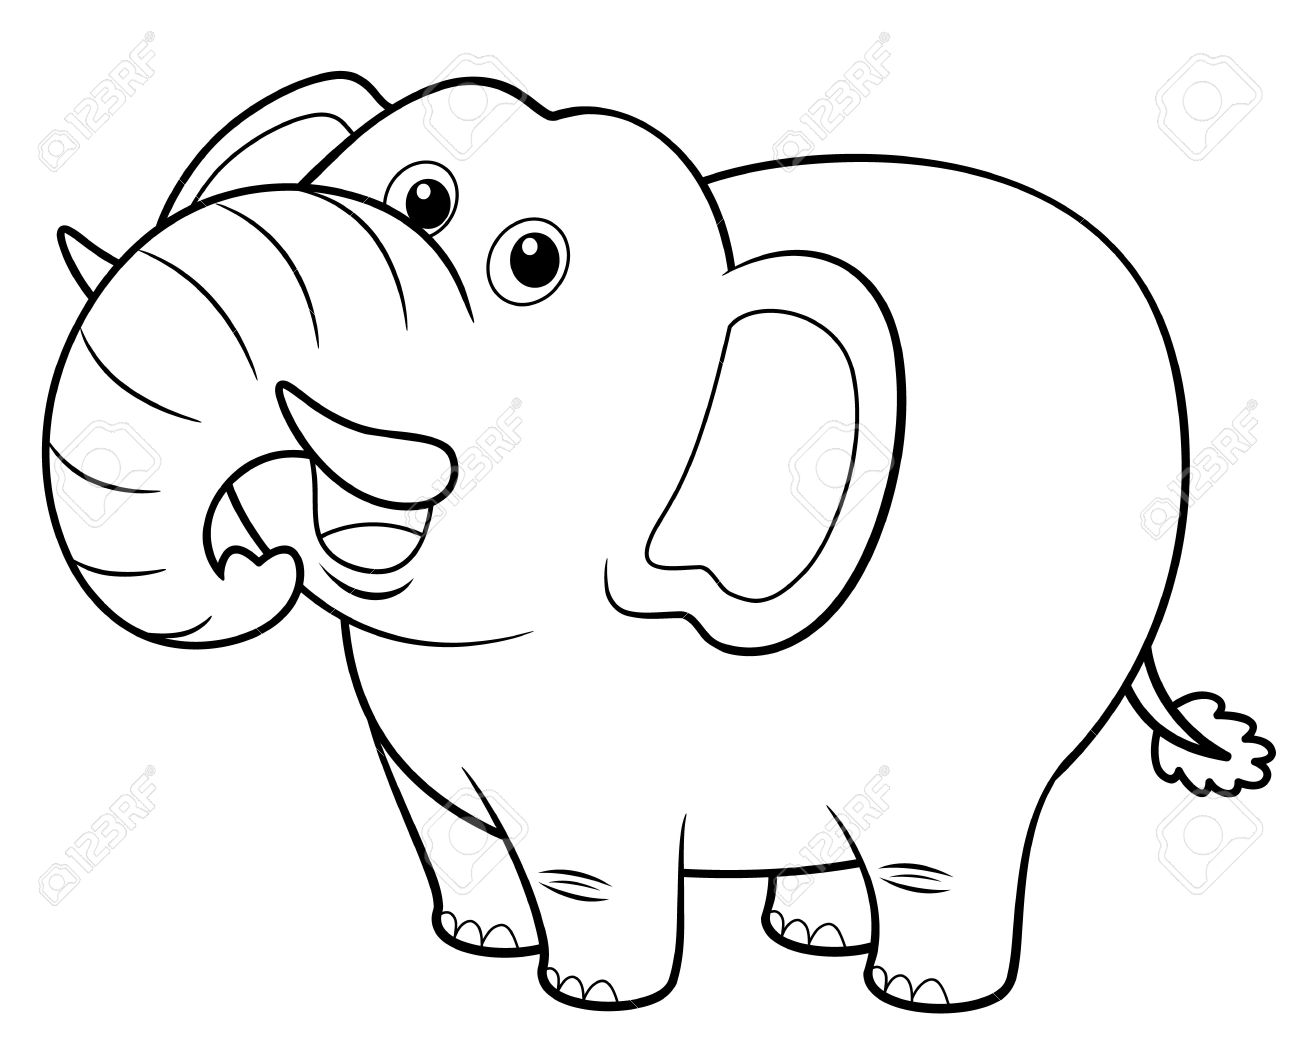 Tusk coloring #9, Download drawings